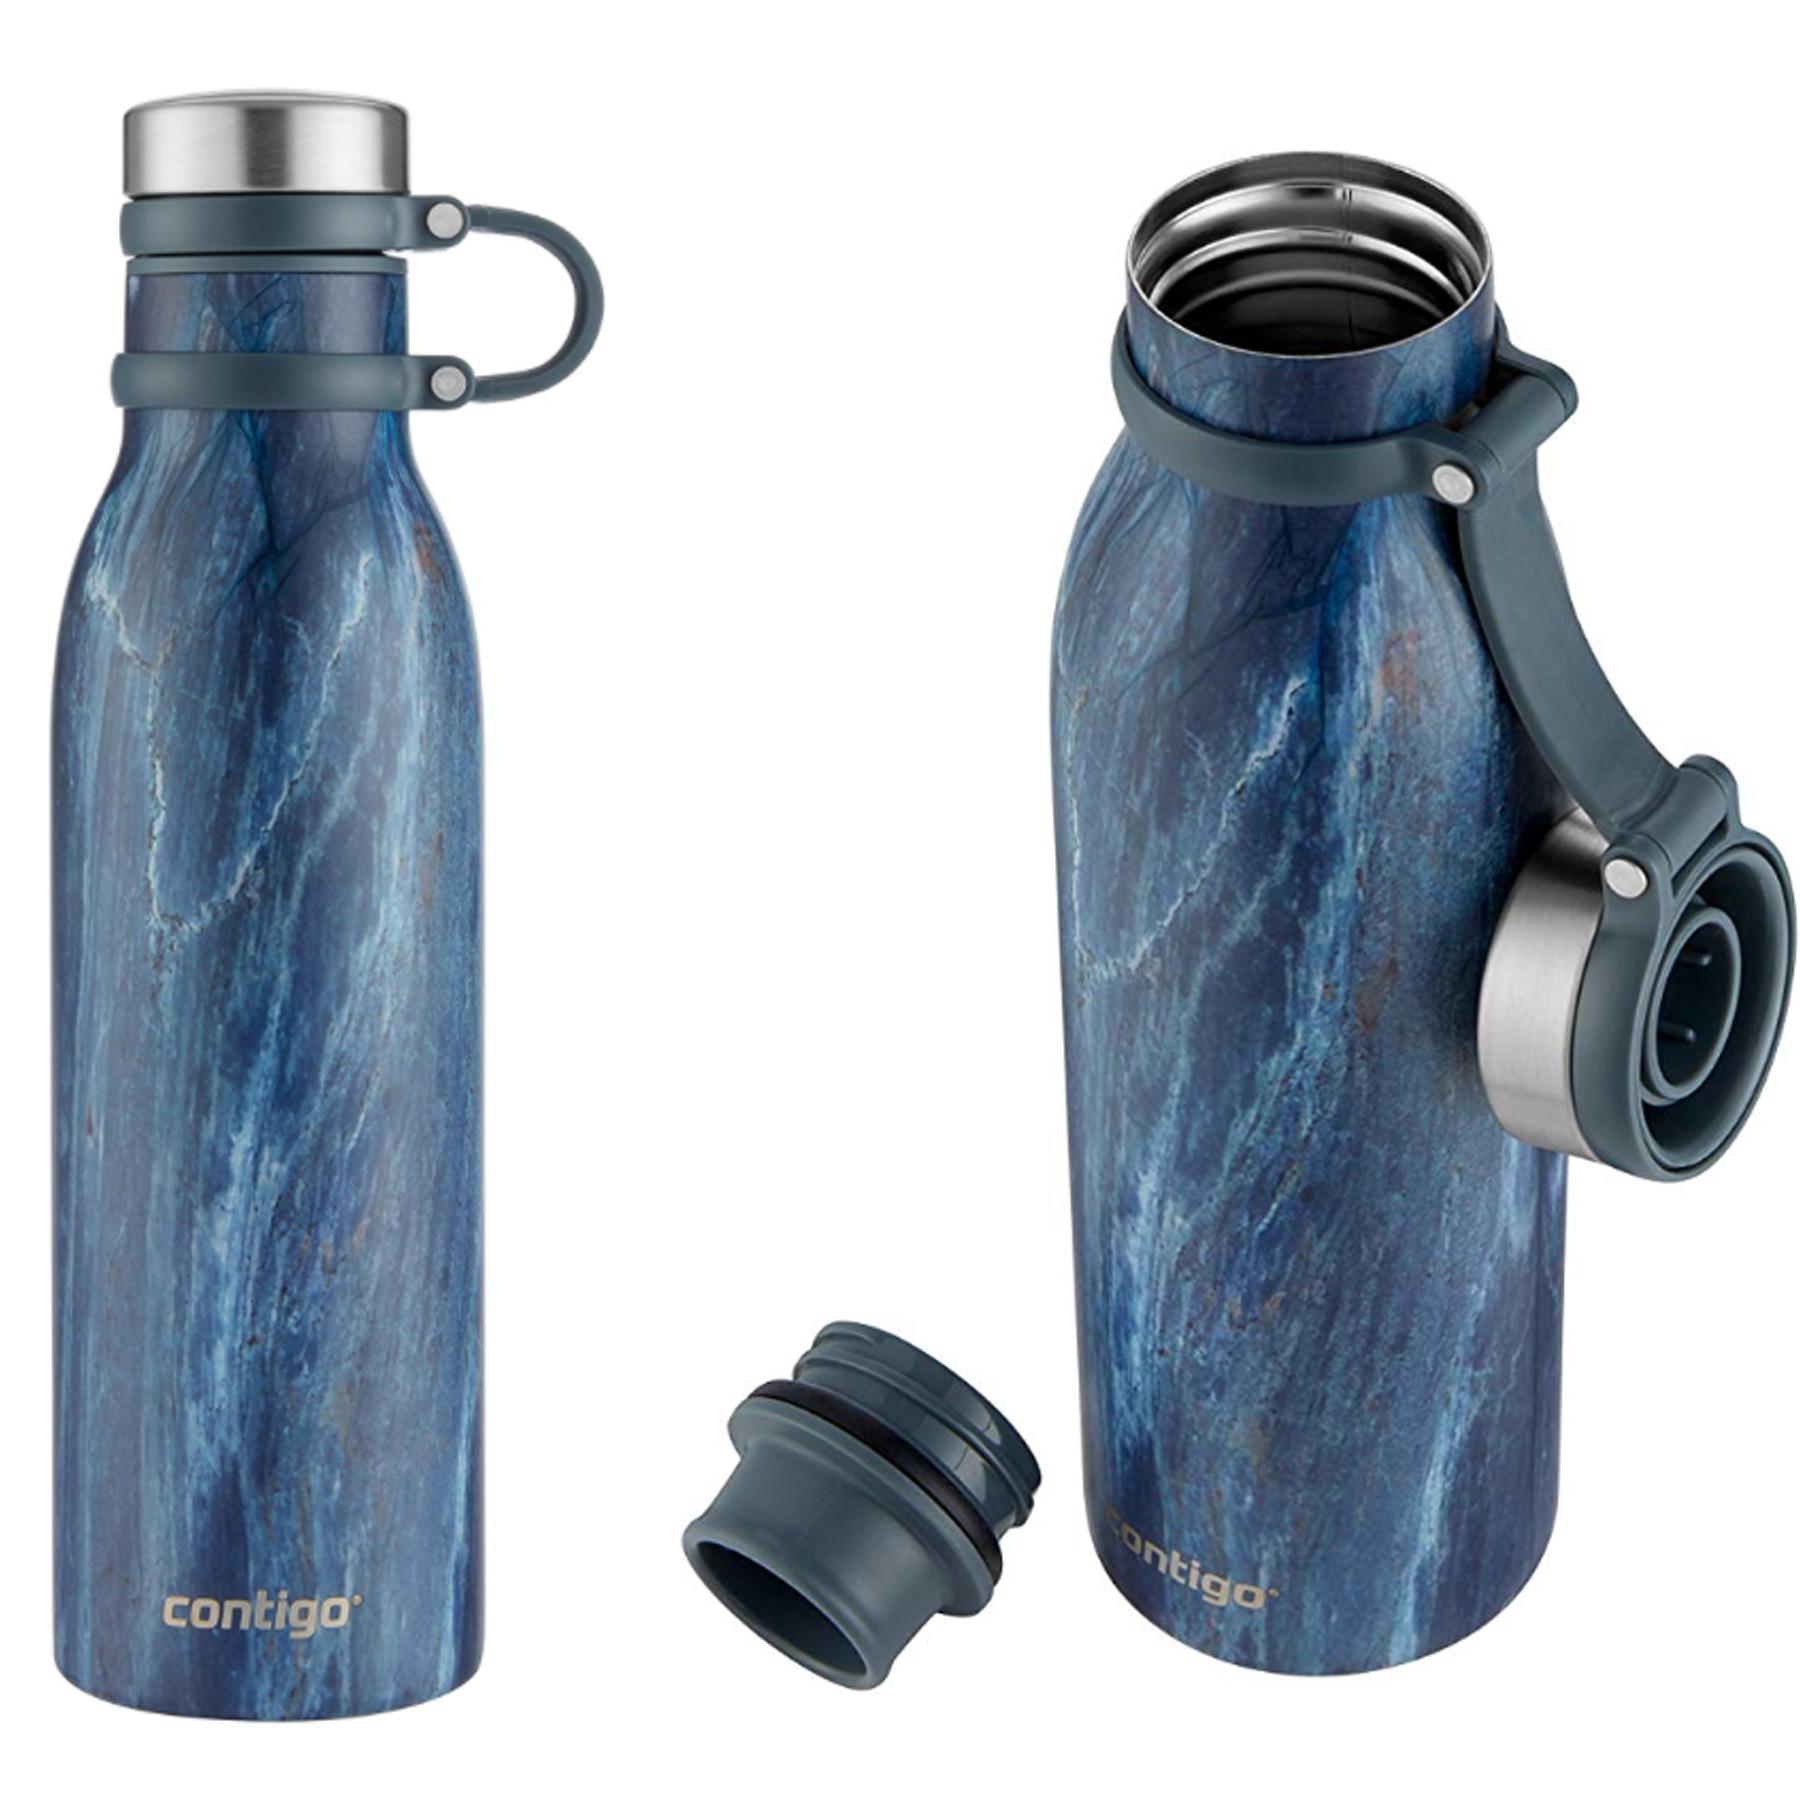 55 Off Contigo Couture Vacuum Insulated Water Bottle